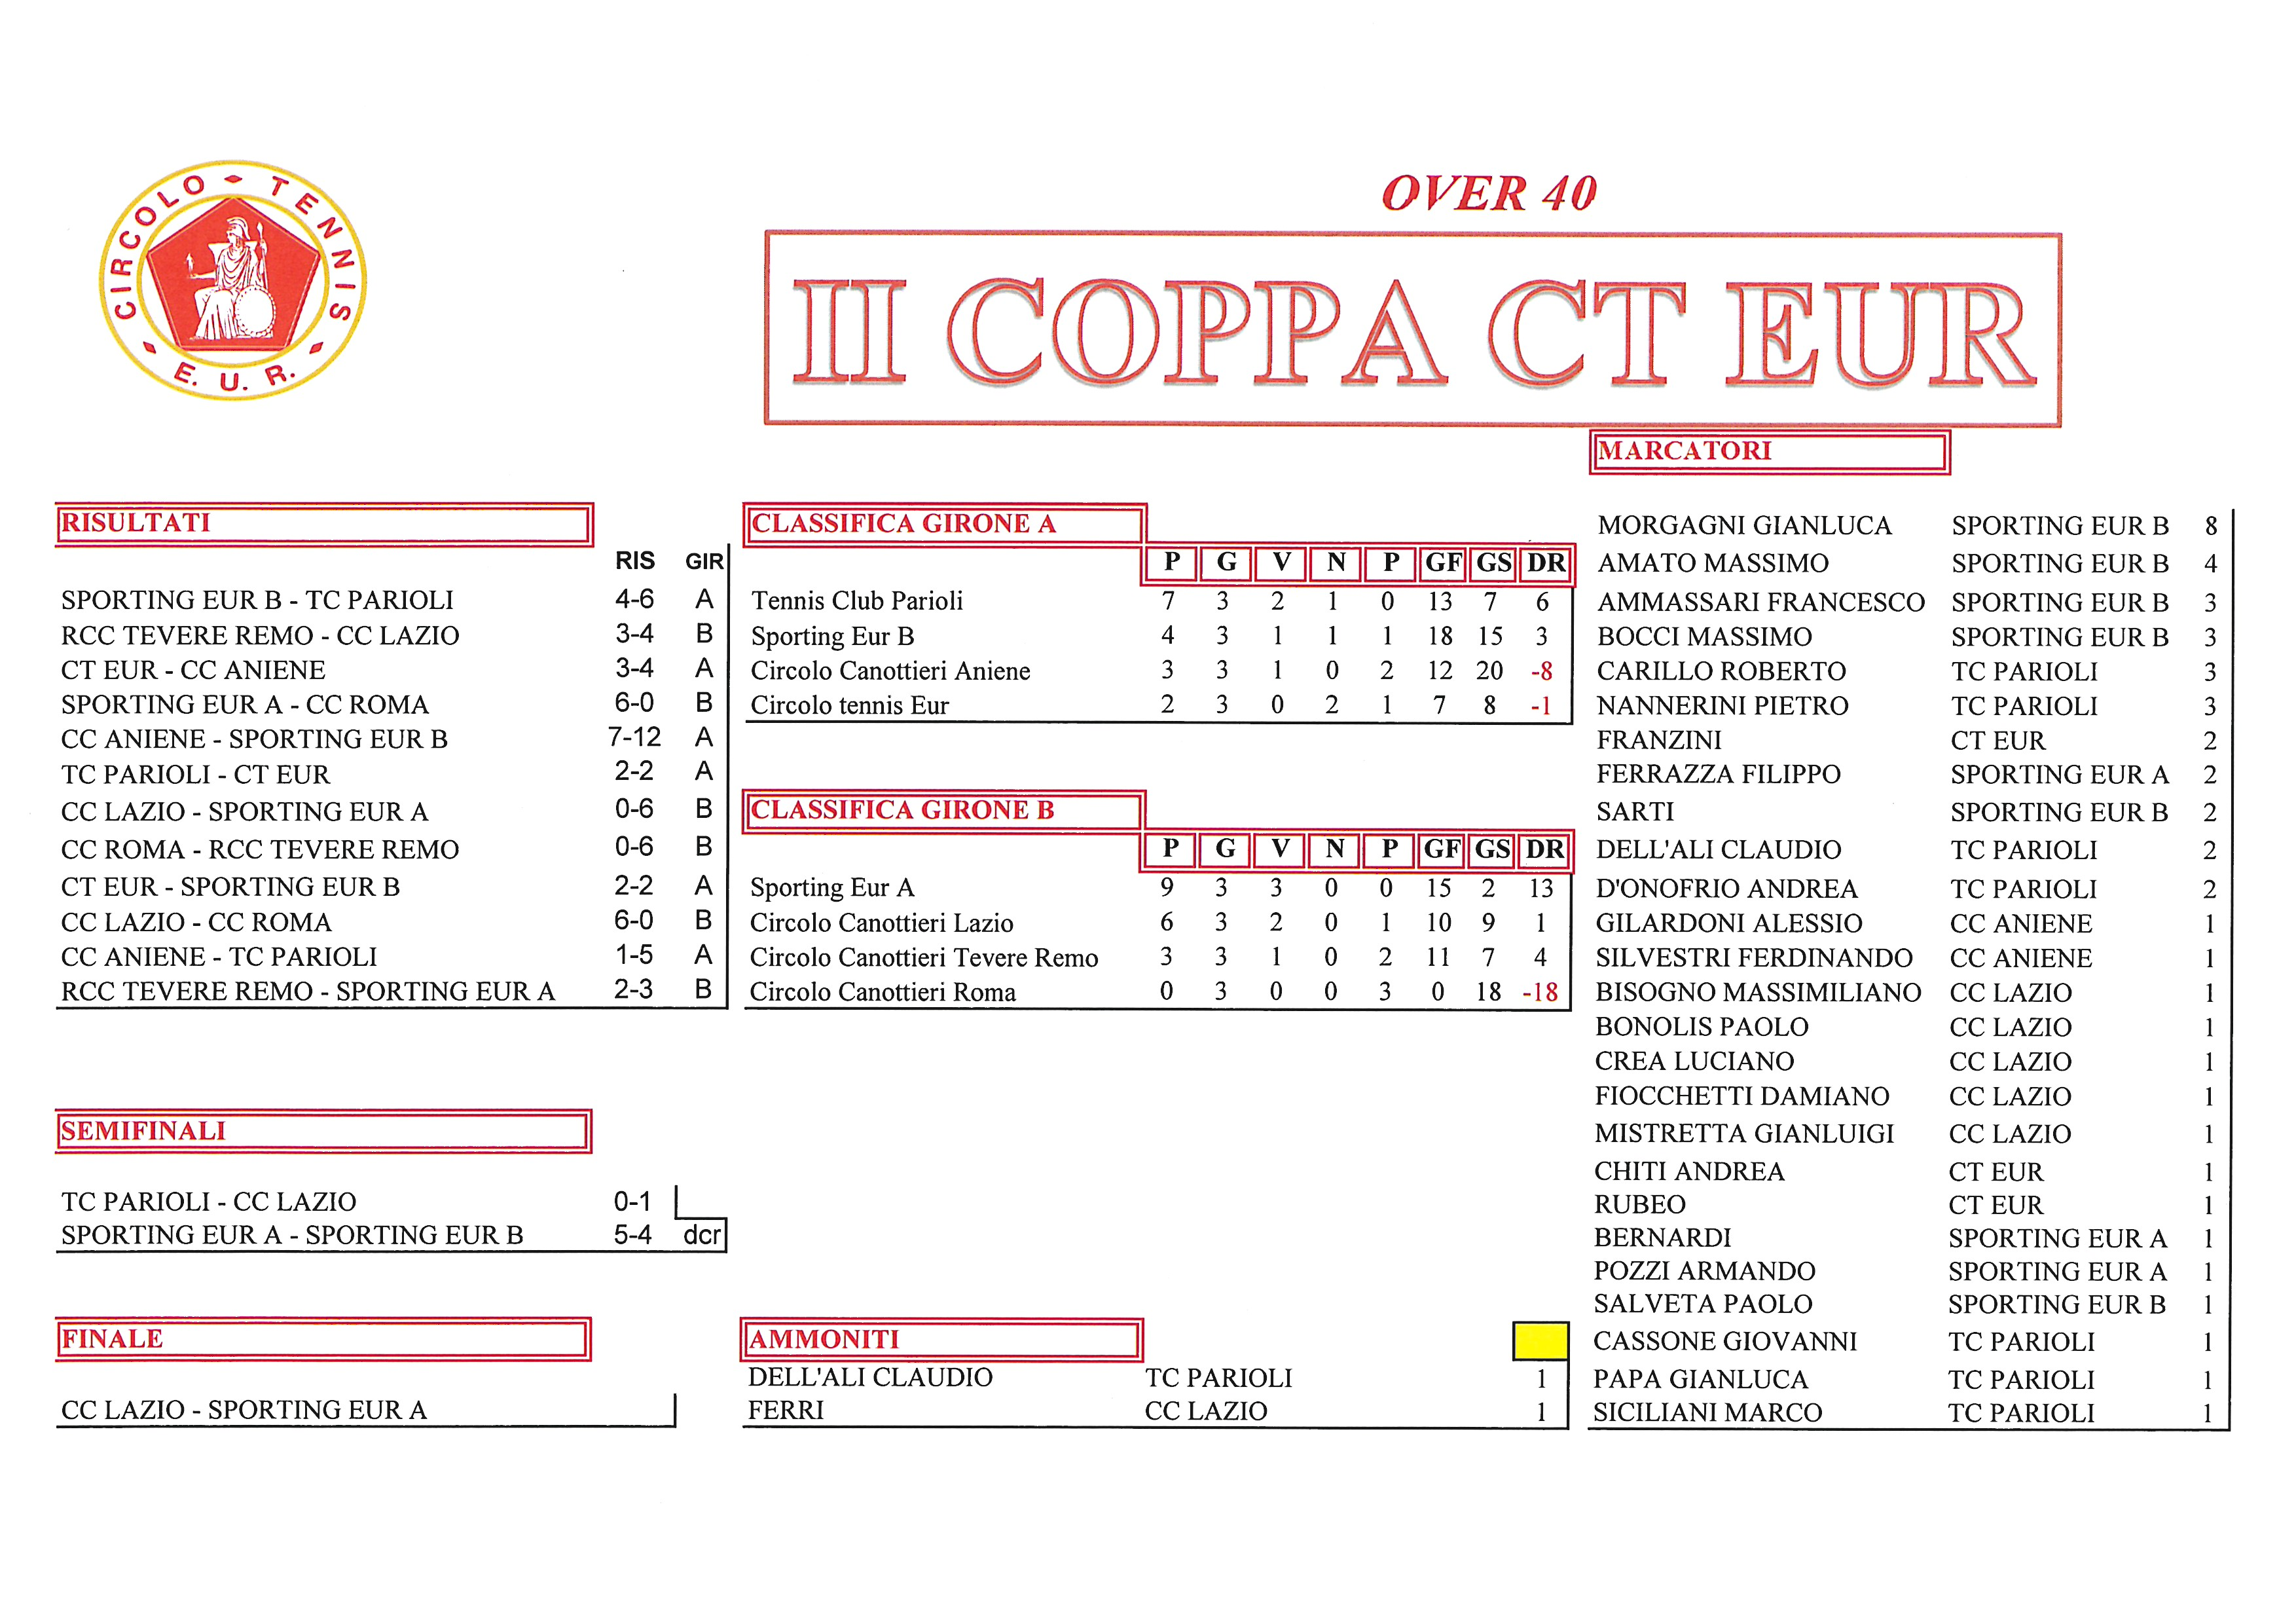 Coppa CT Eur risultati del 12 ottobre 2017 Over 40